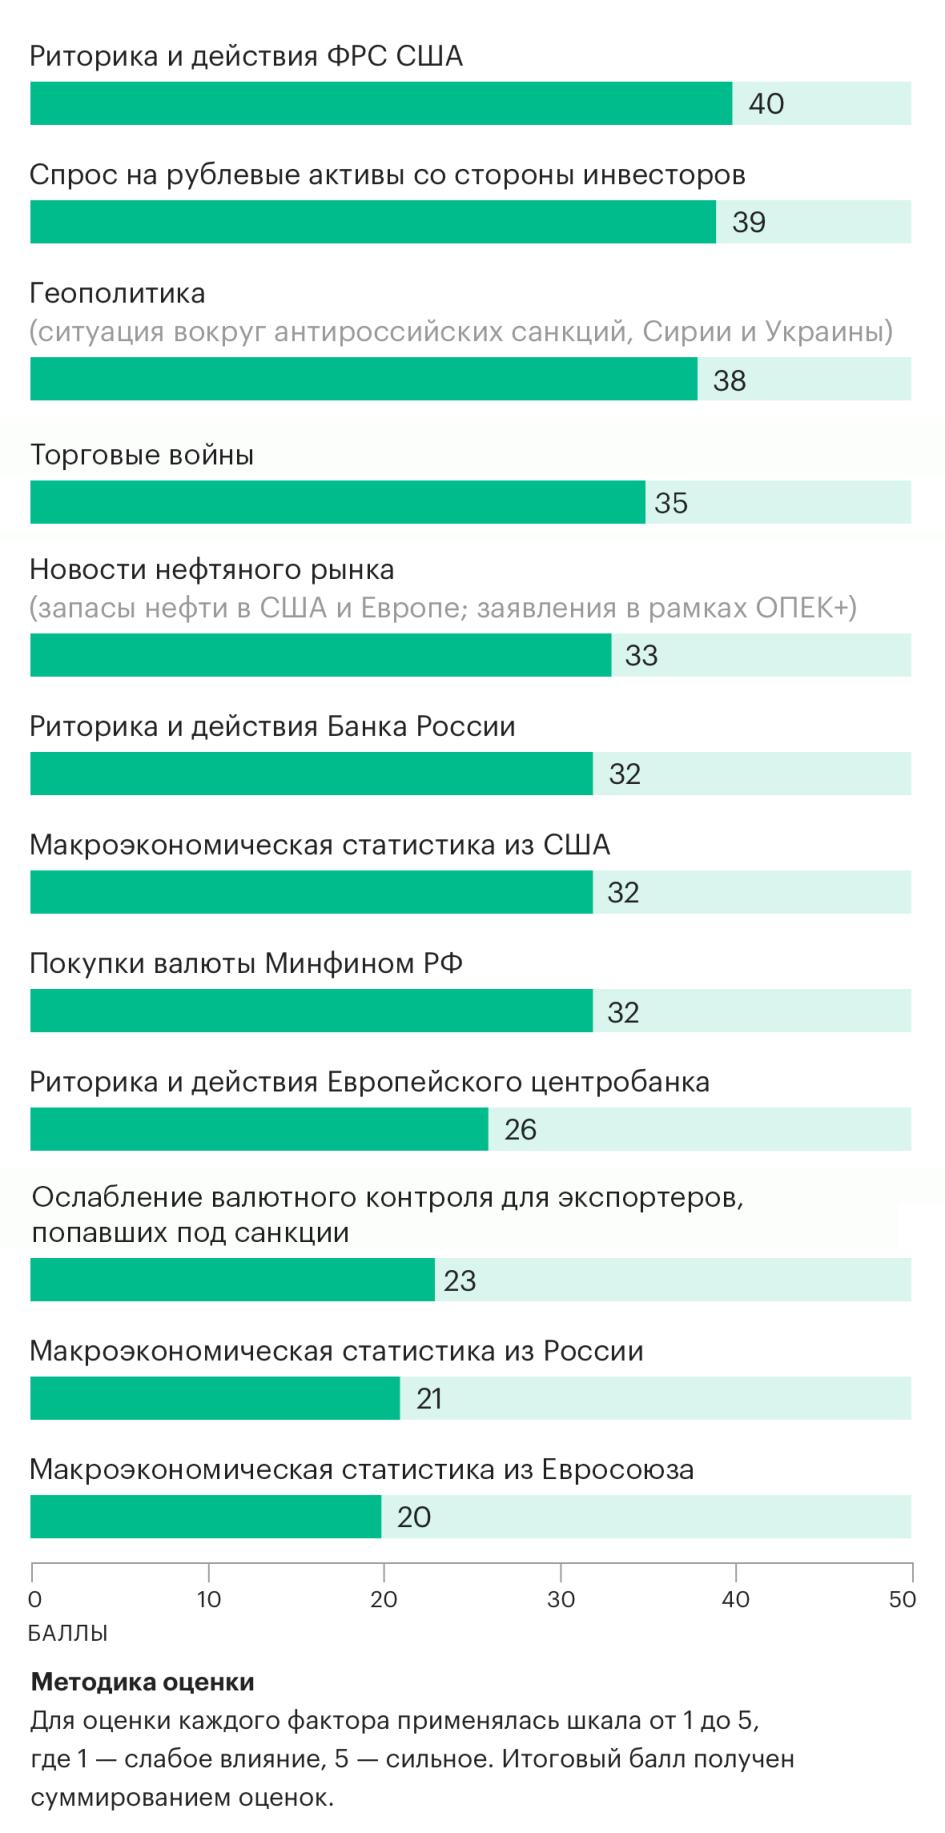 https://s0.rbk.ru/v6_top_pics/resized/945xH/media/img/2/00/755324340622002.png